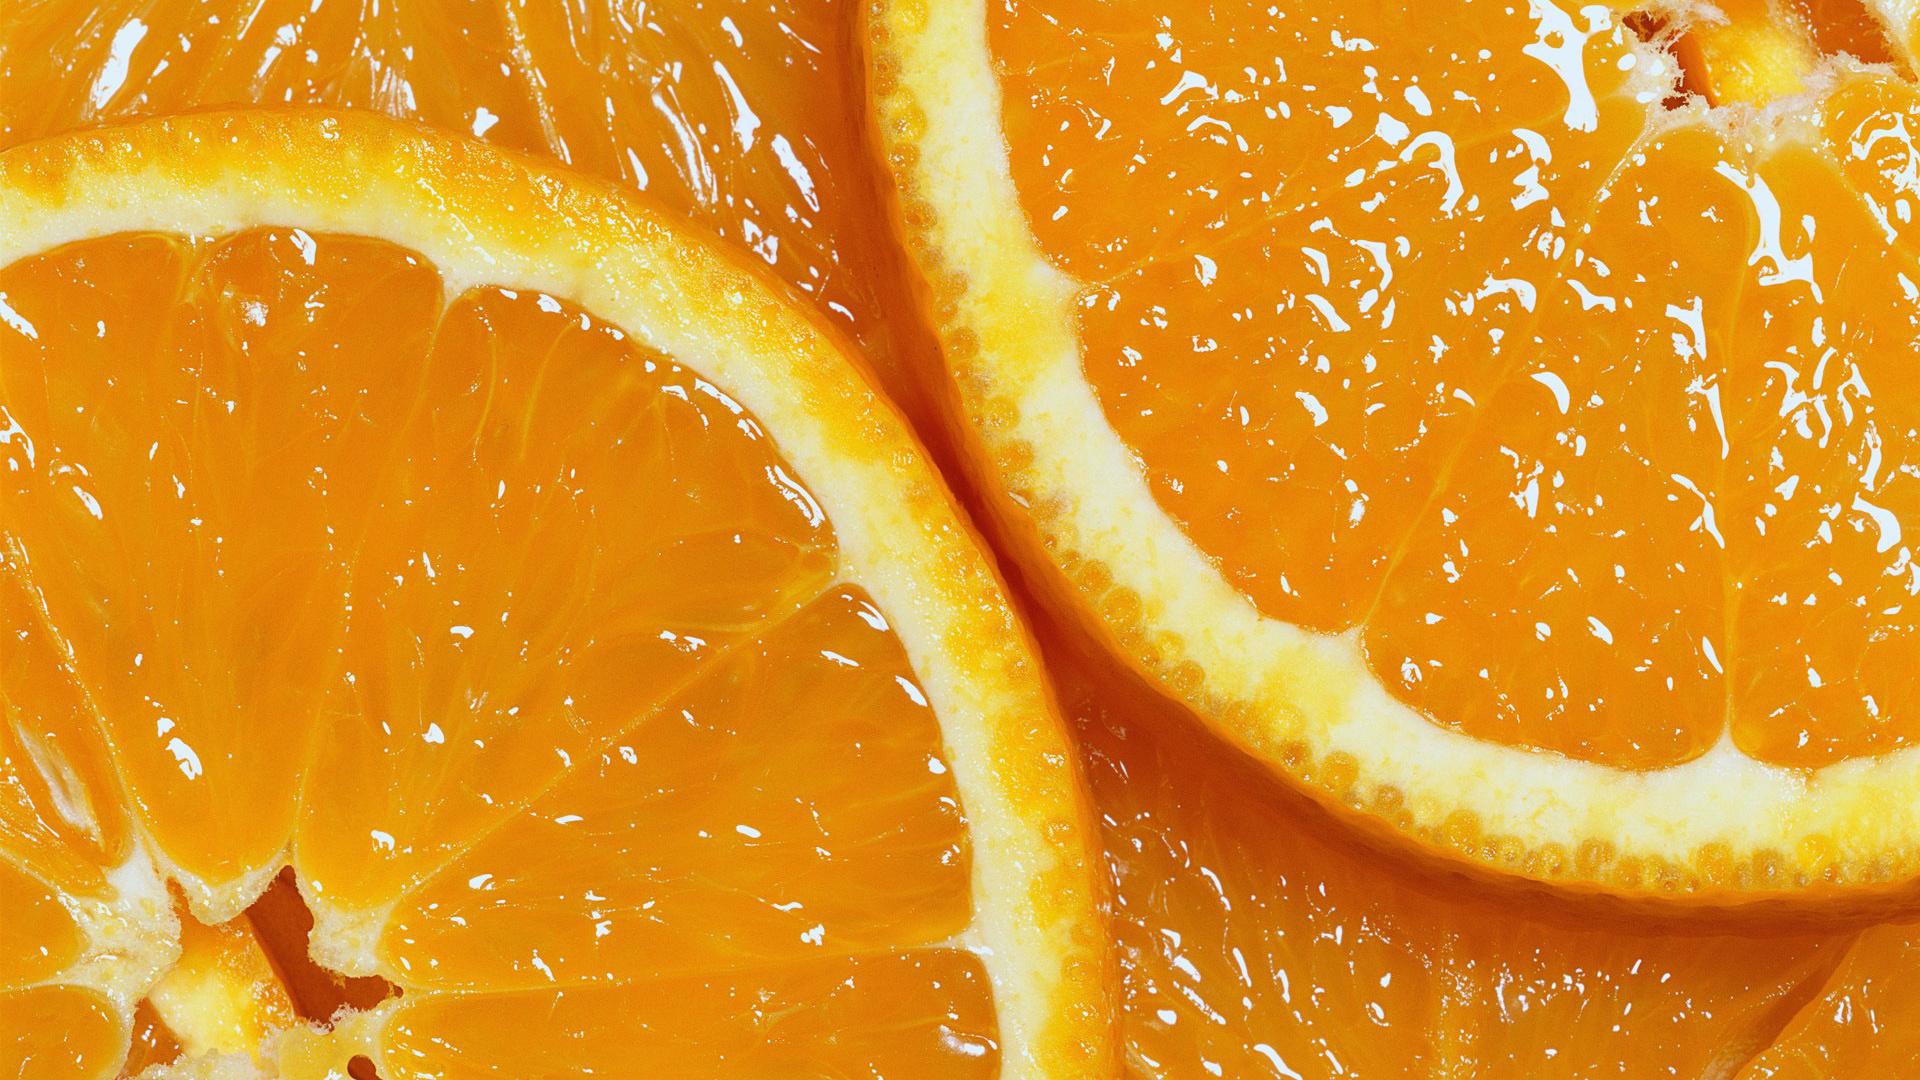 Днем, картинки с апельсинами красивые